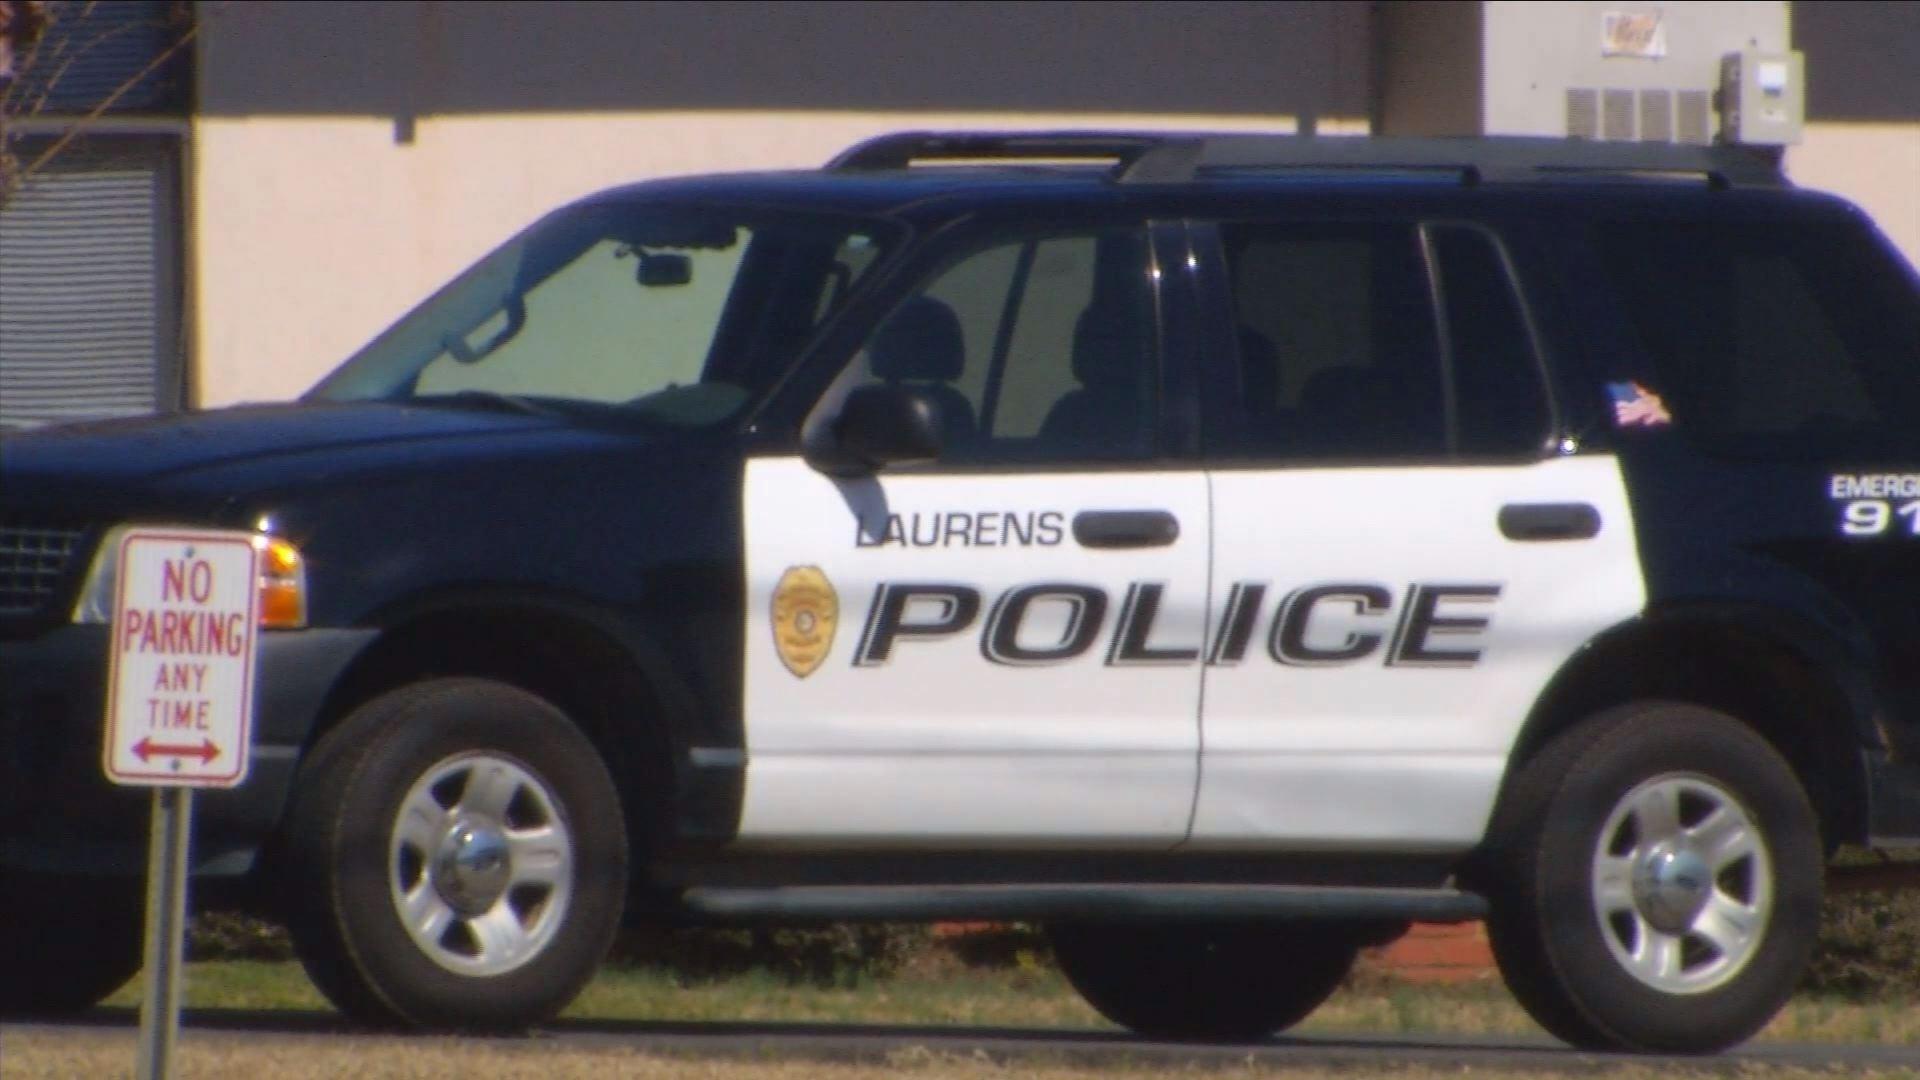 Laurens Police Car_214981